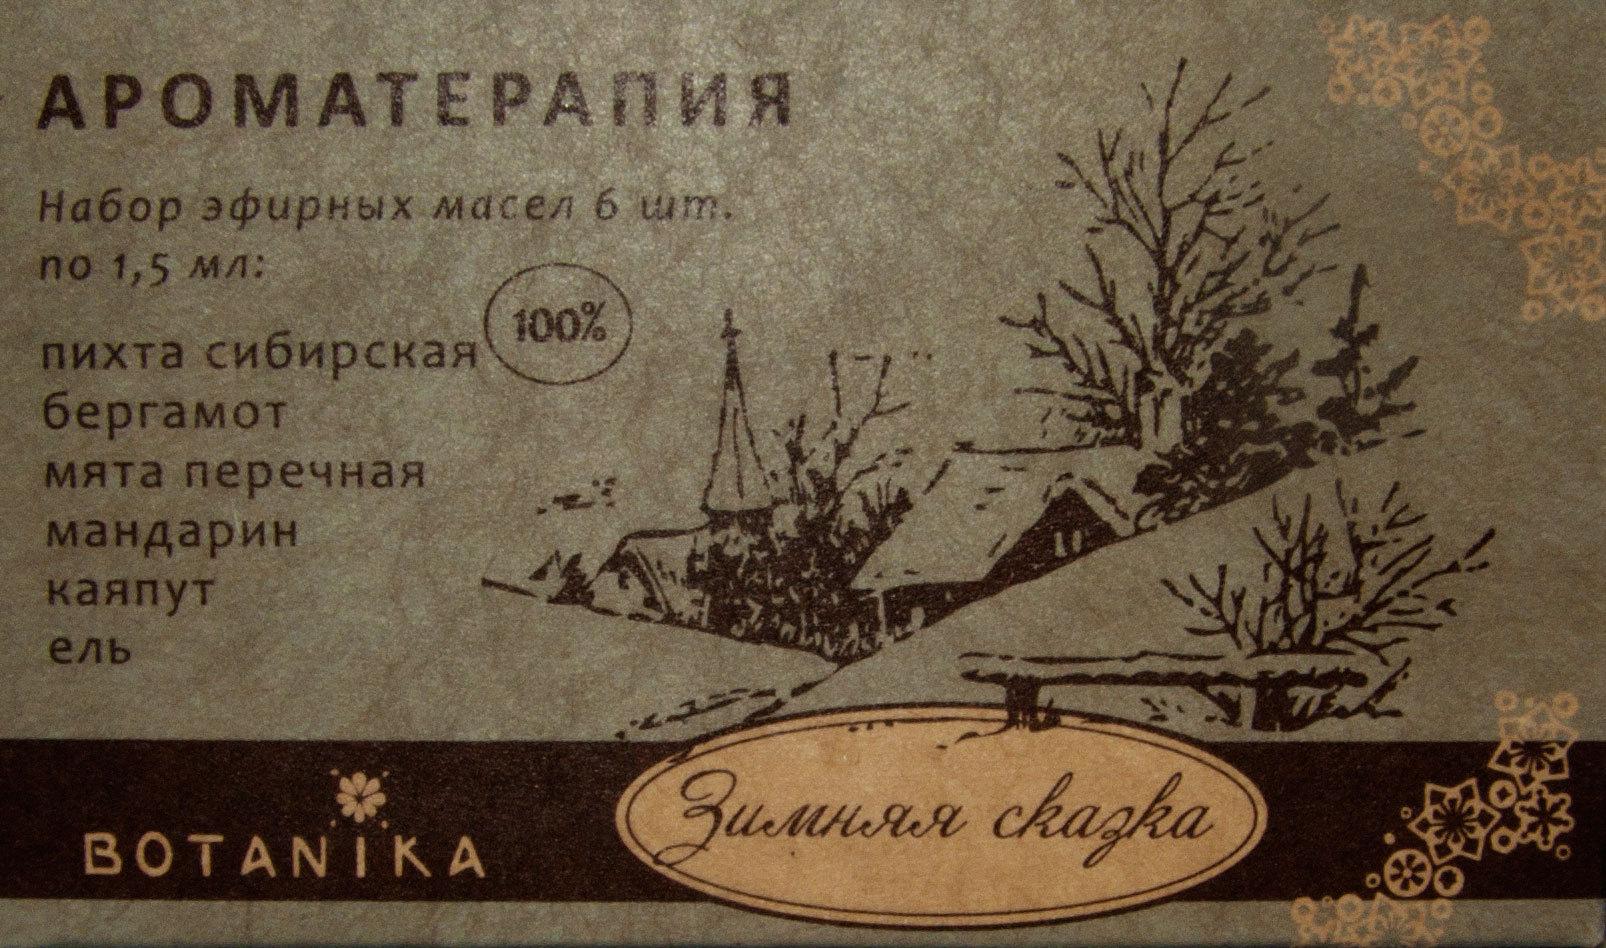 Набор эфирных масел Зимняя сказка